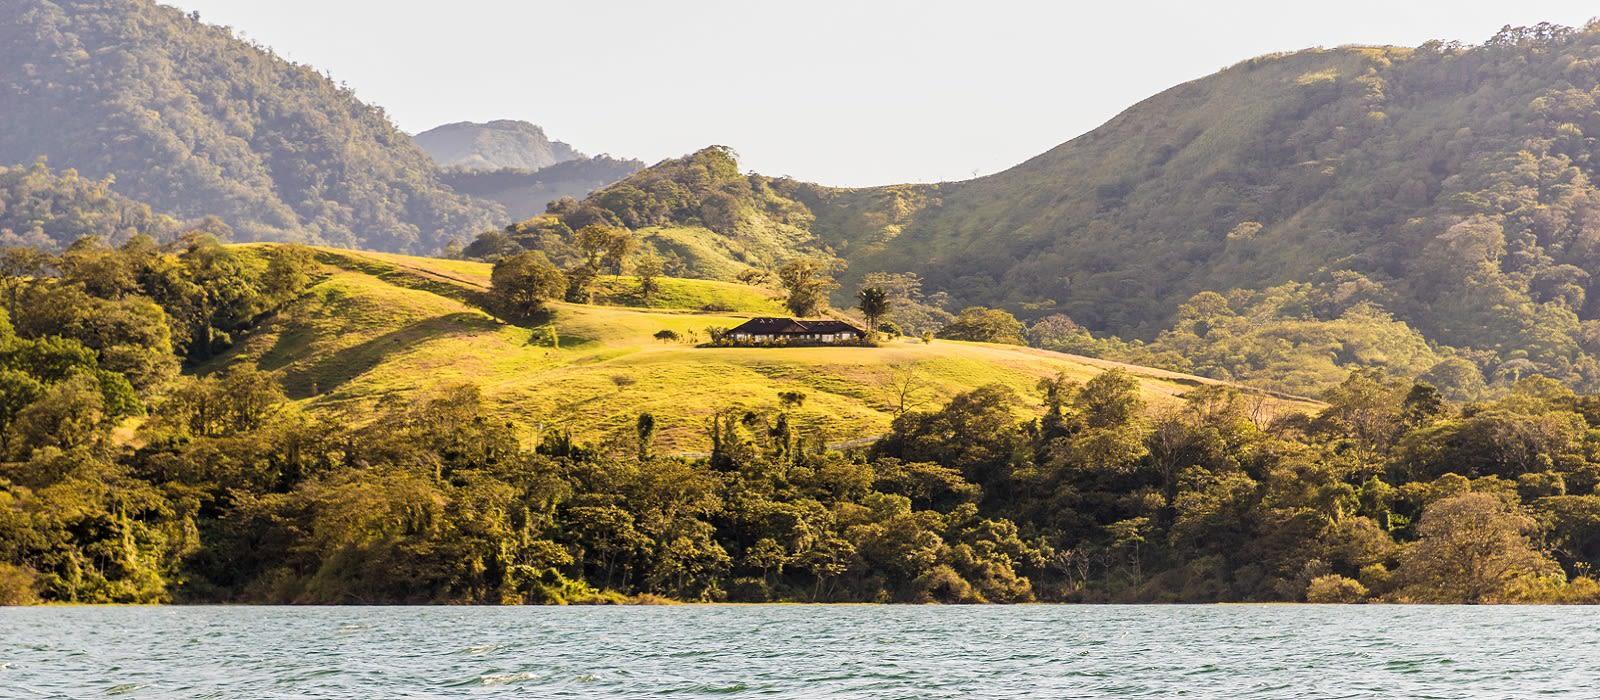 Costa Rica: Luxus in der Wildnis Urlaub 4